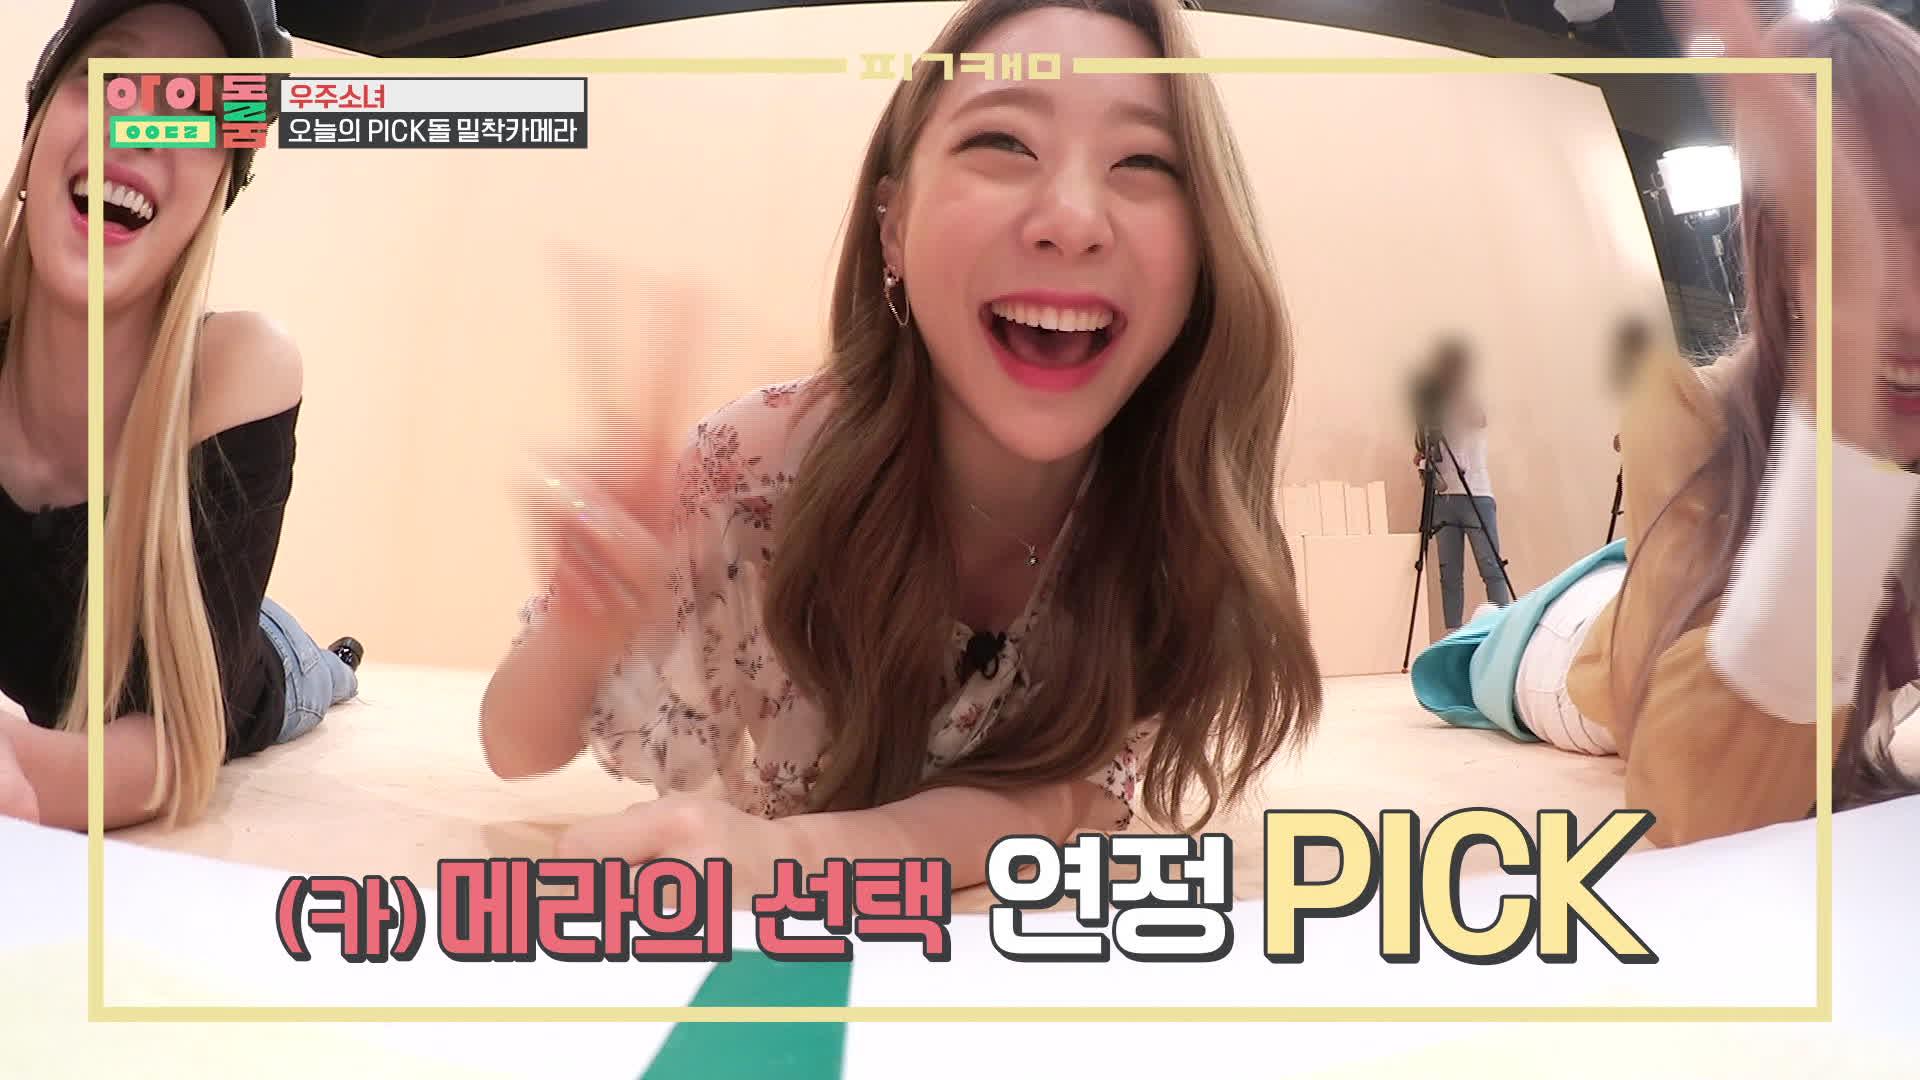 오늘의 PICK돌 연정, 본격 1인방송 개막!?